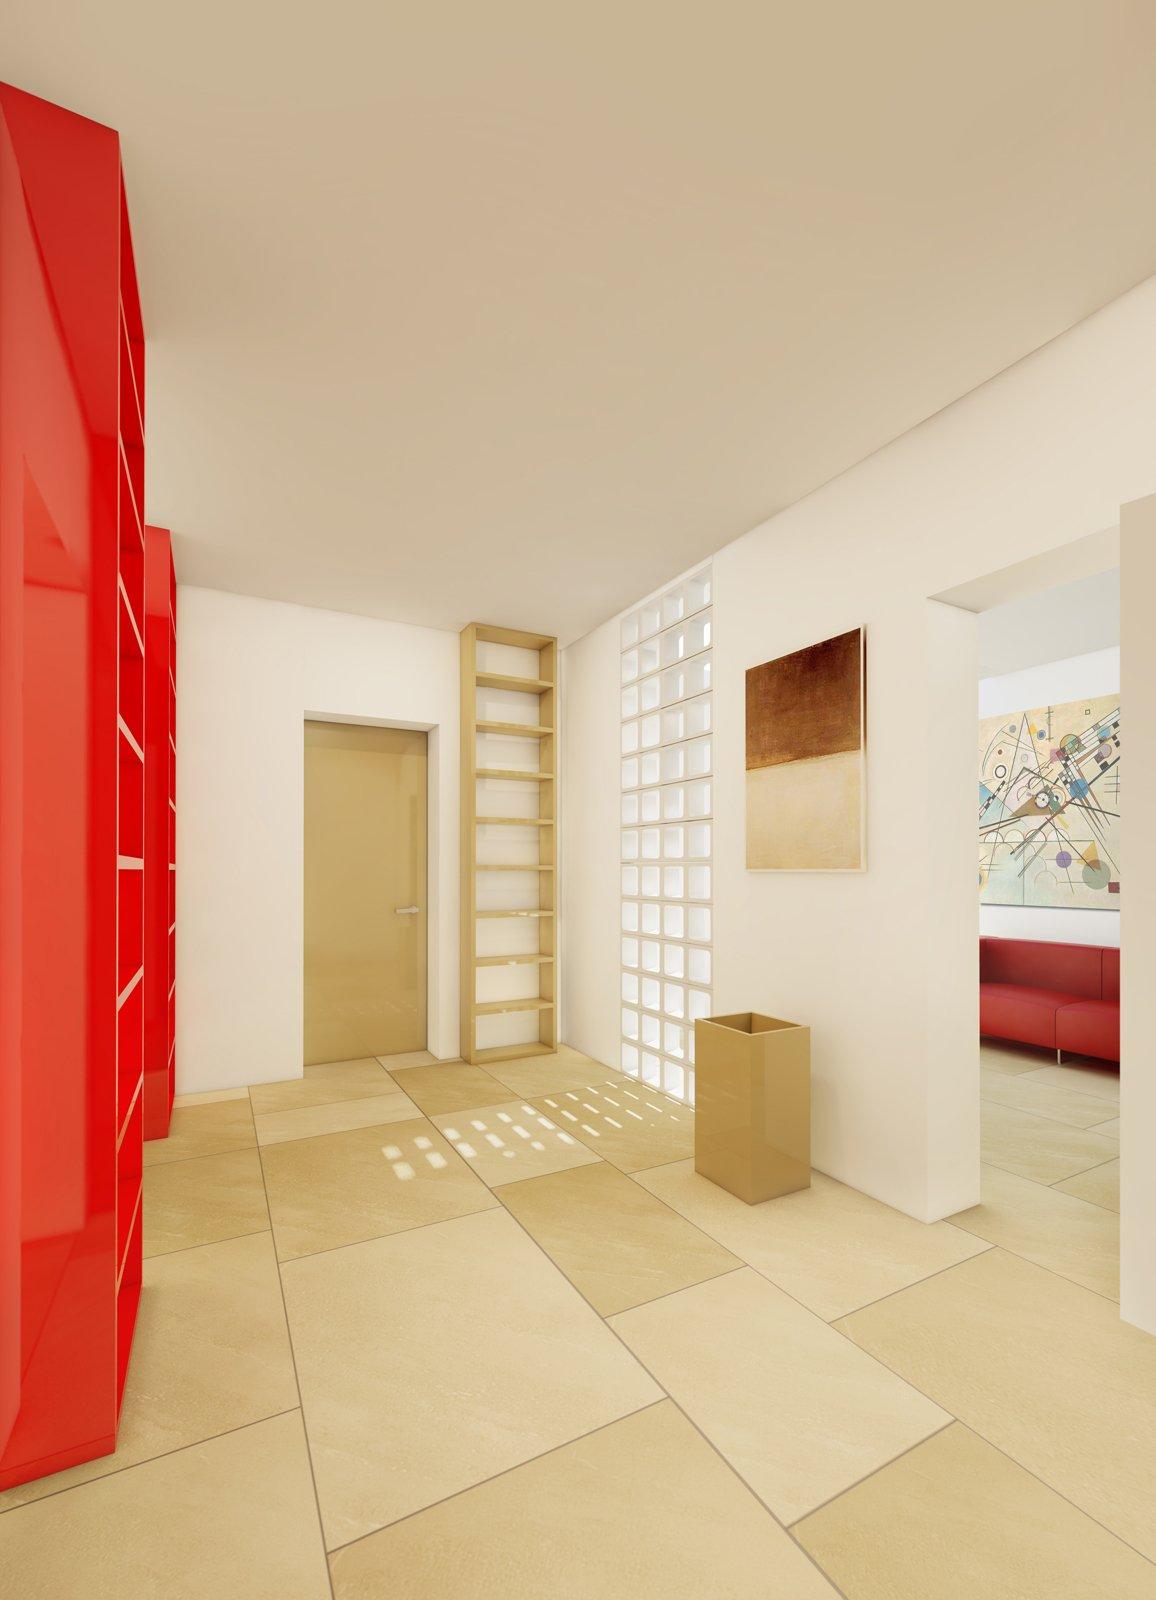 Pi luce 10 idee per moltiplicarla cose di casa - La casa con le finestre che ridono ...